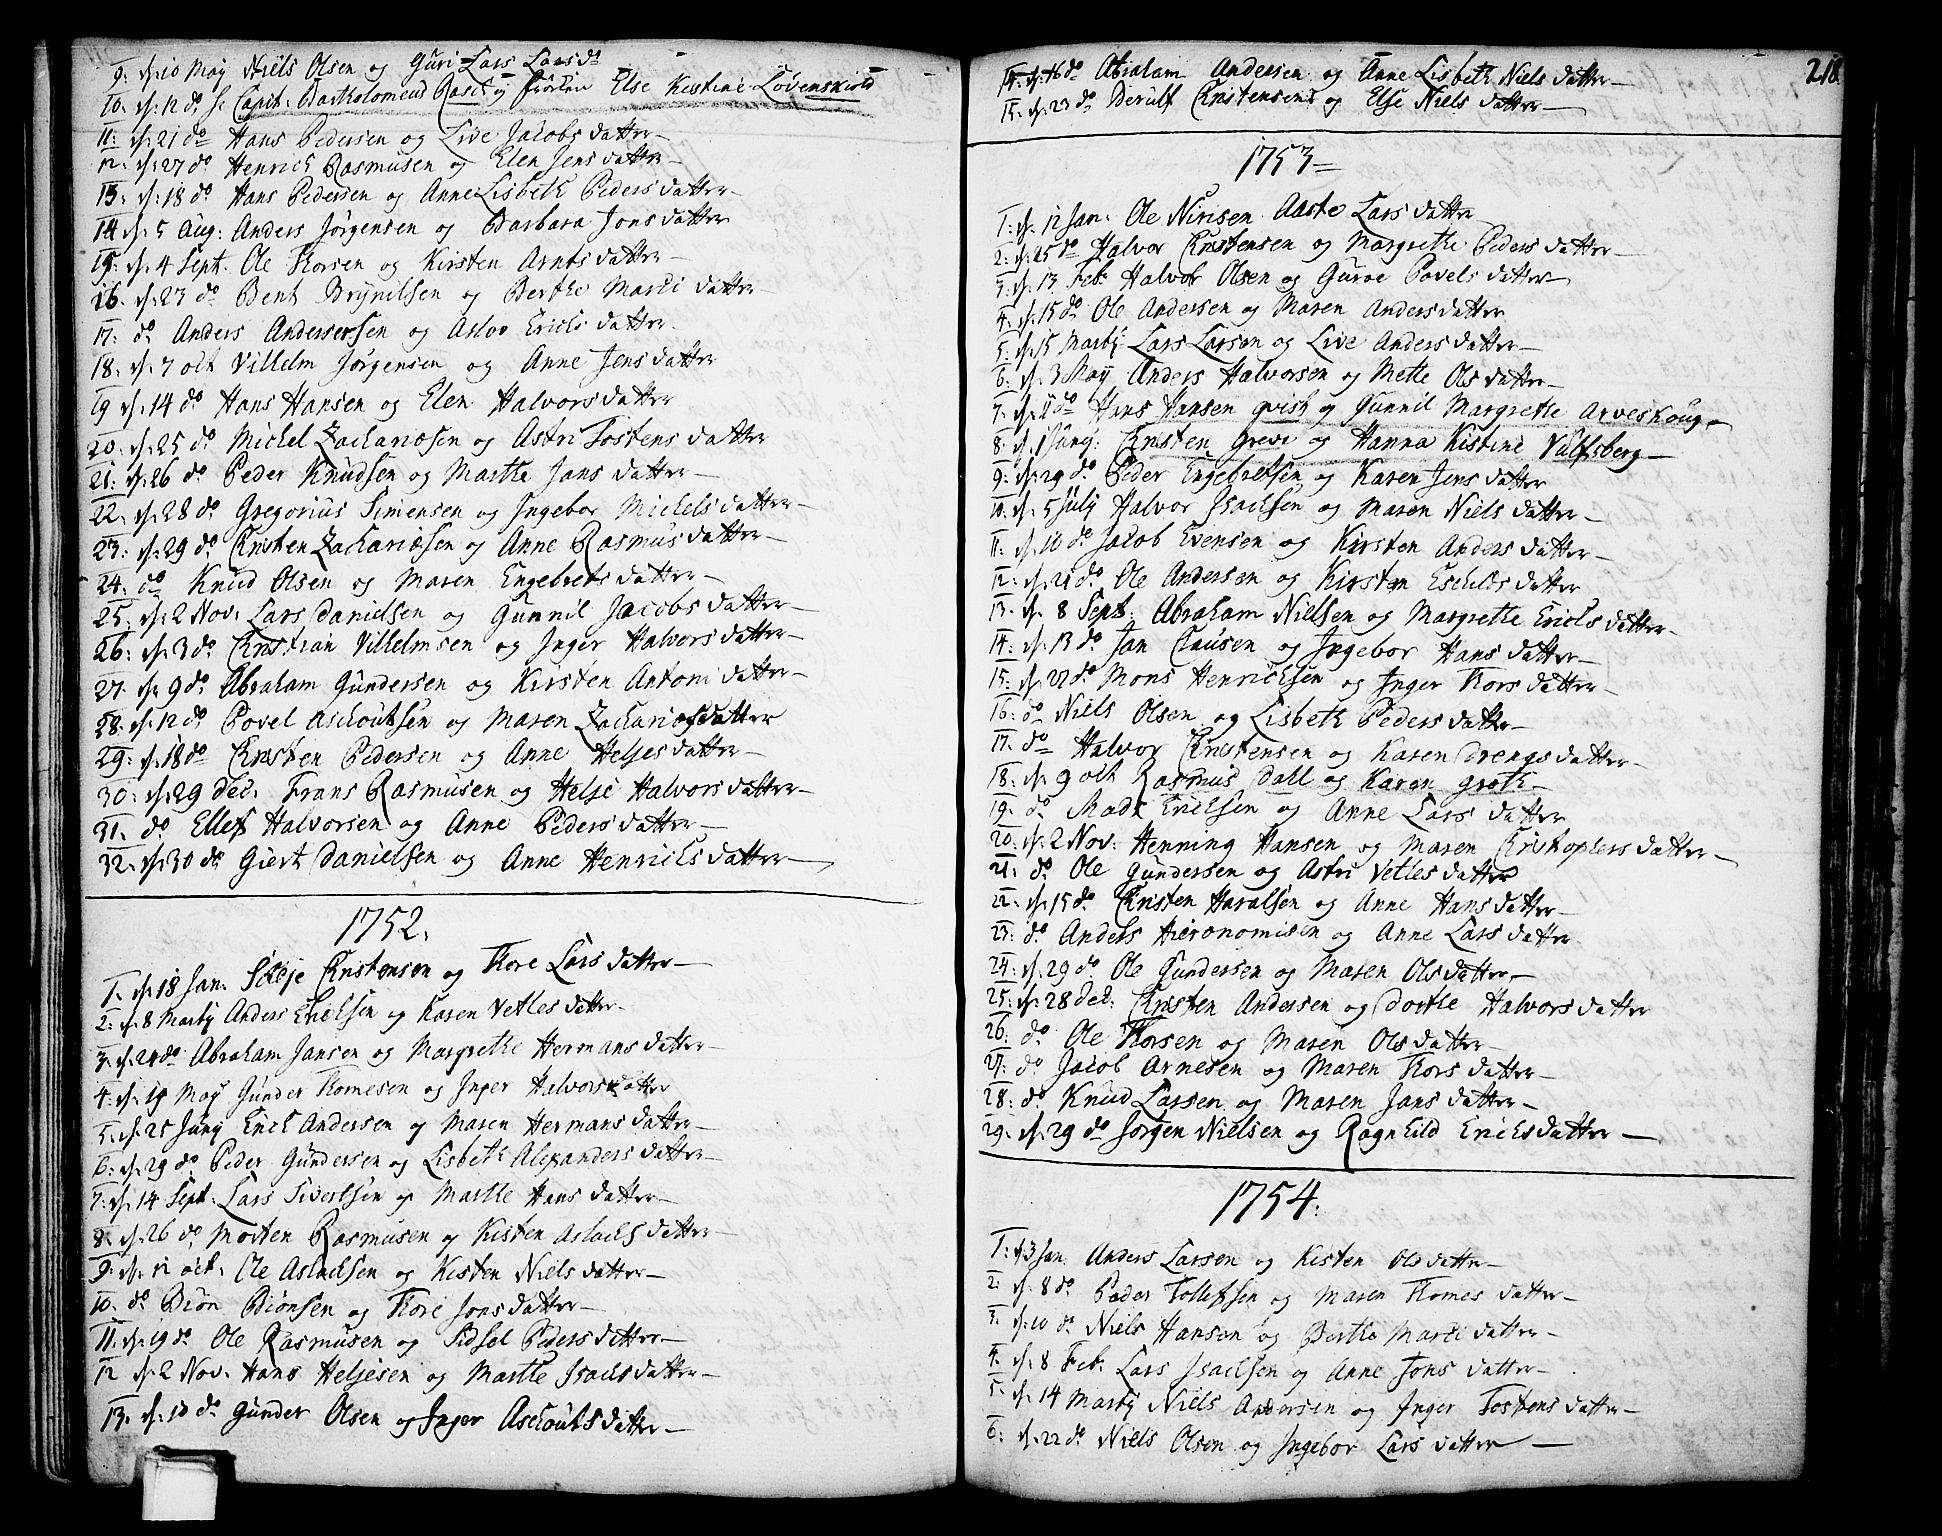 SAKO, Gjerpen kirkebøker, F/Fa/L0002: Ministerialbok nr. 2, 1747-1795, s. 218